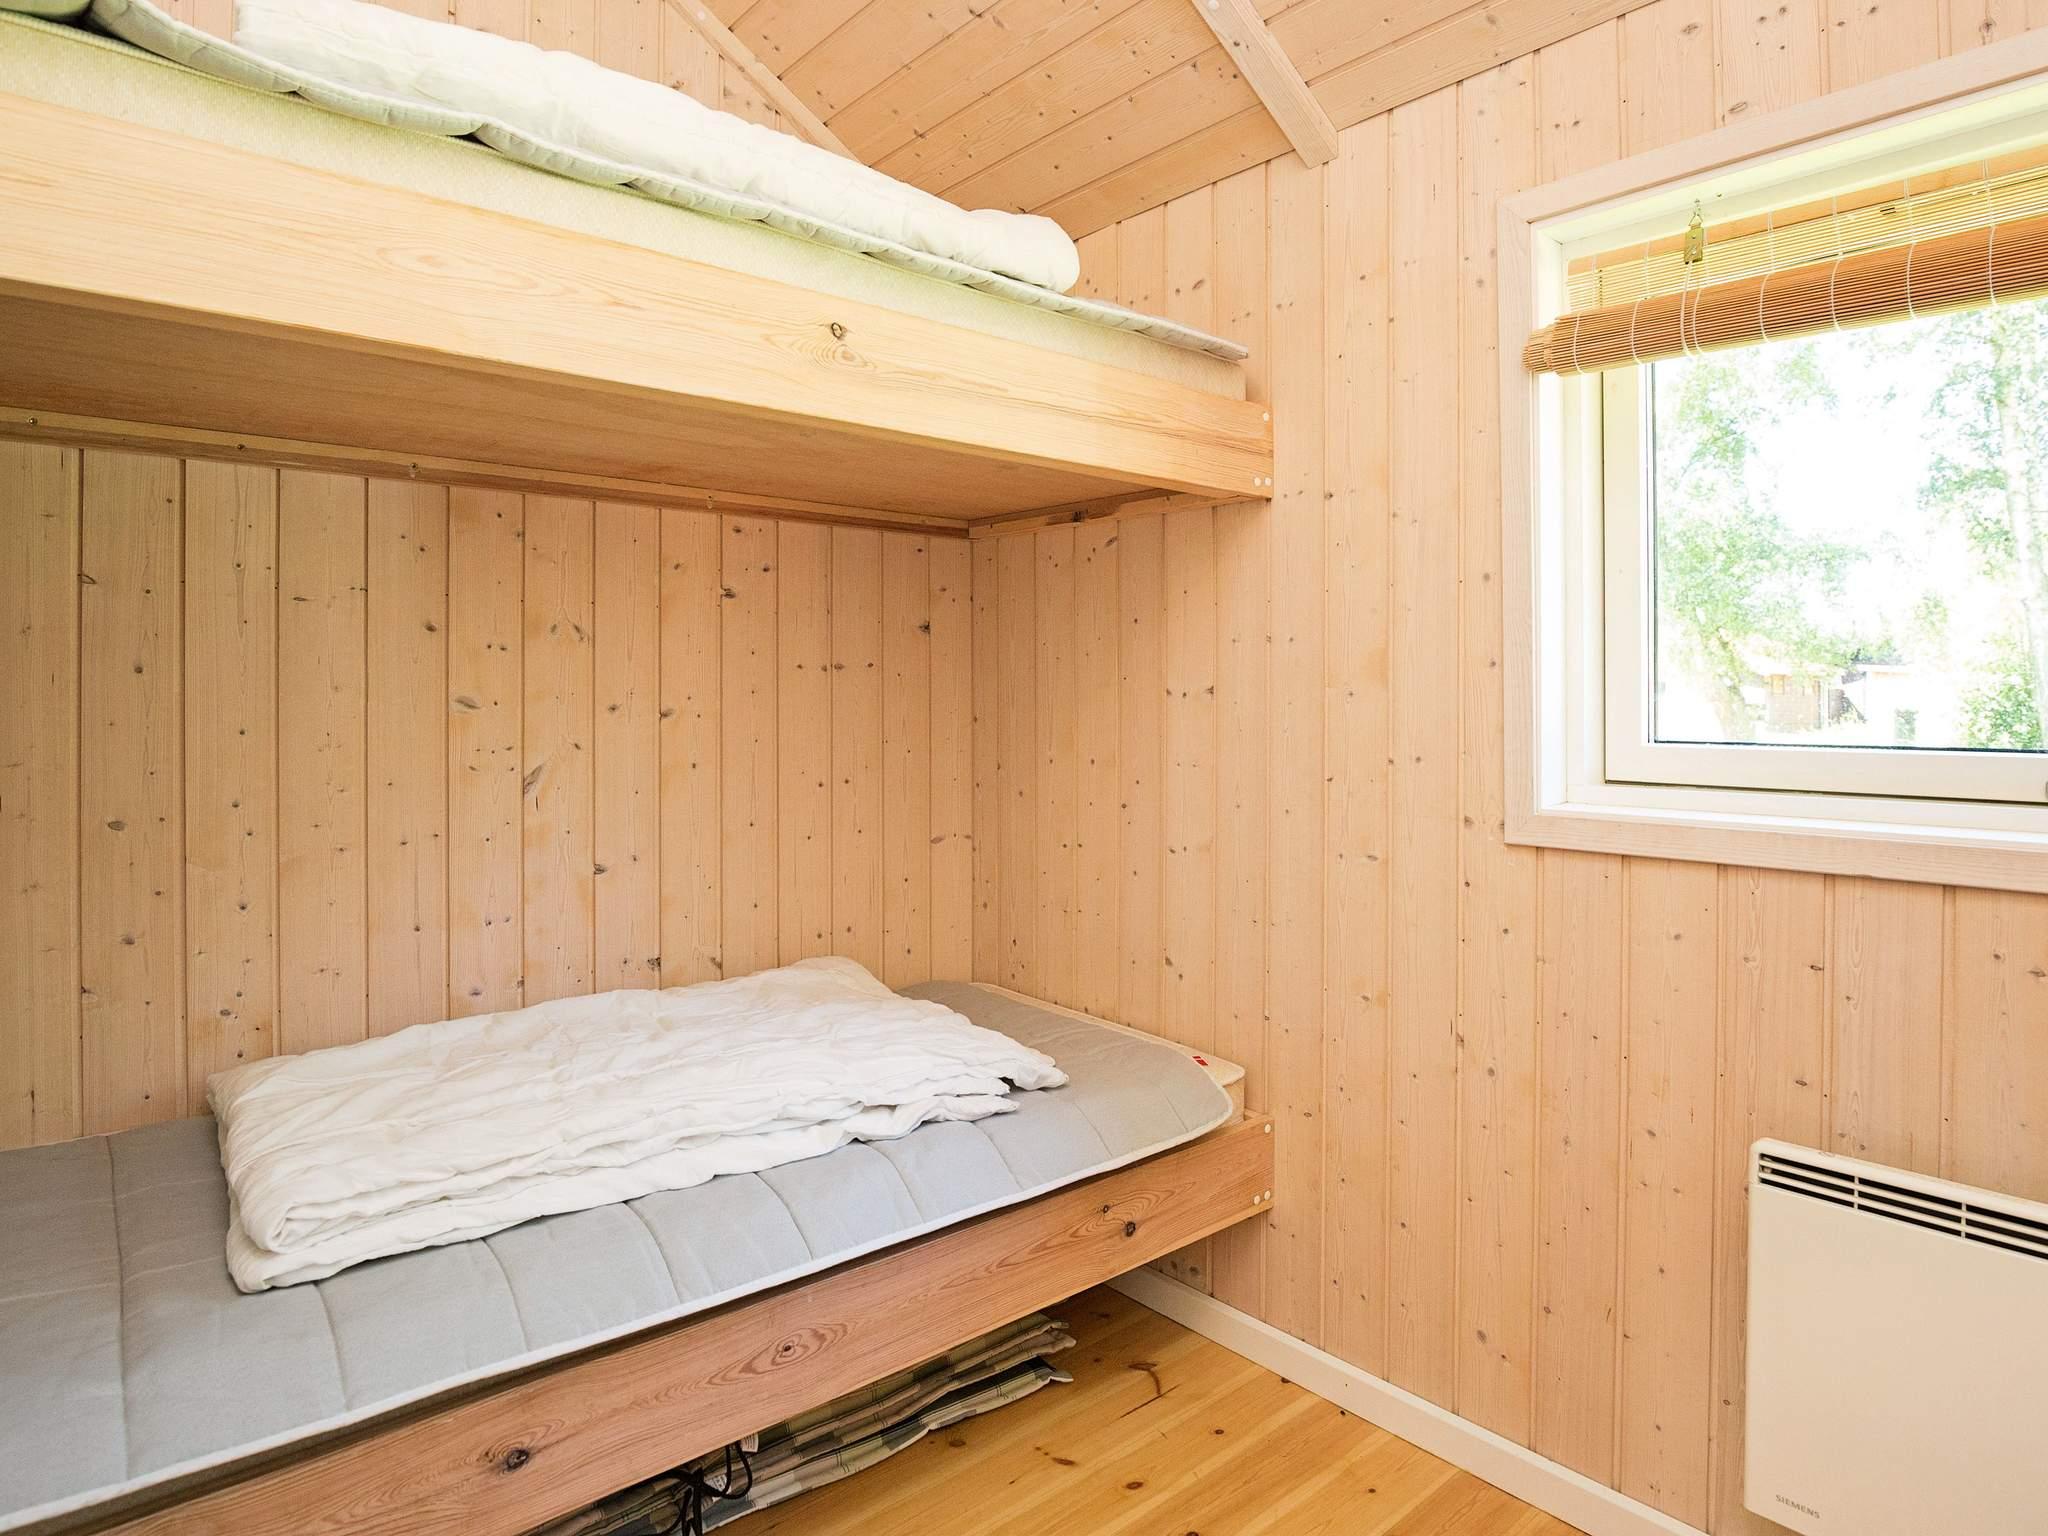 Ferienhaus Ellinge Lyng (208418), Højby, , Westseeland, Dänemark, Bild 11